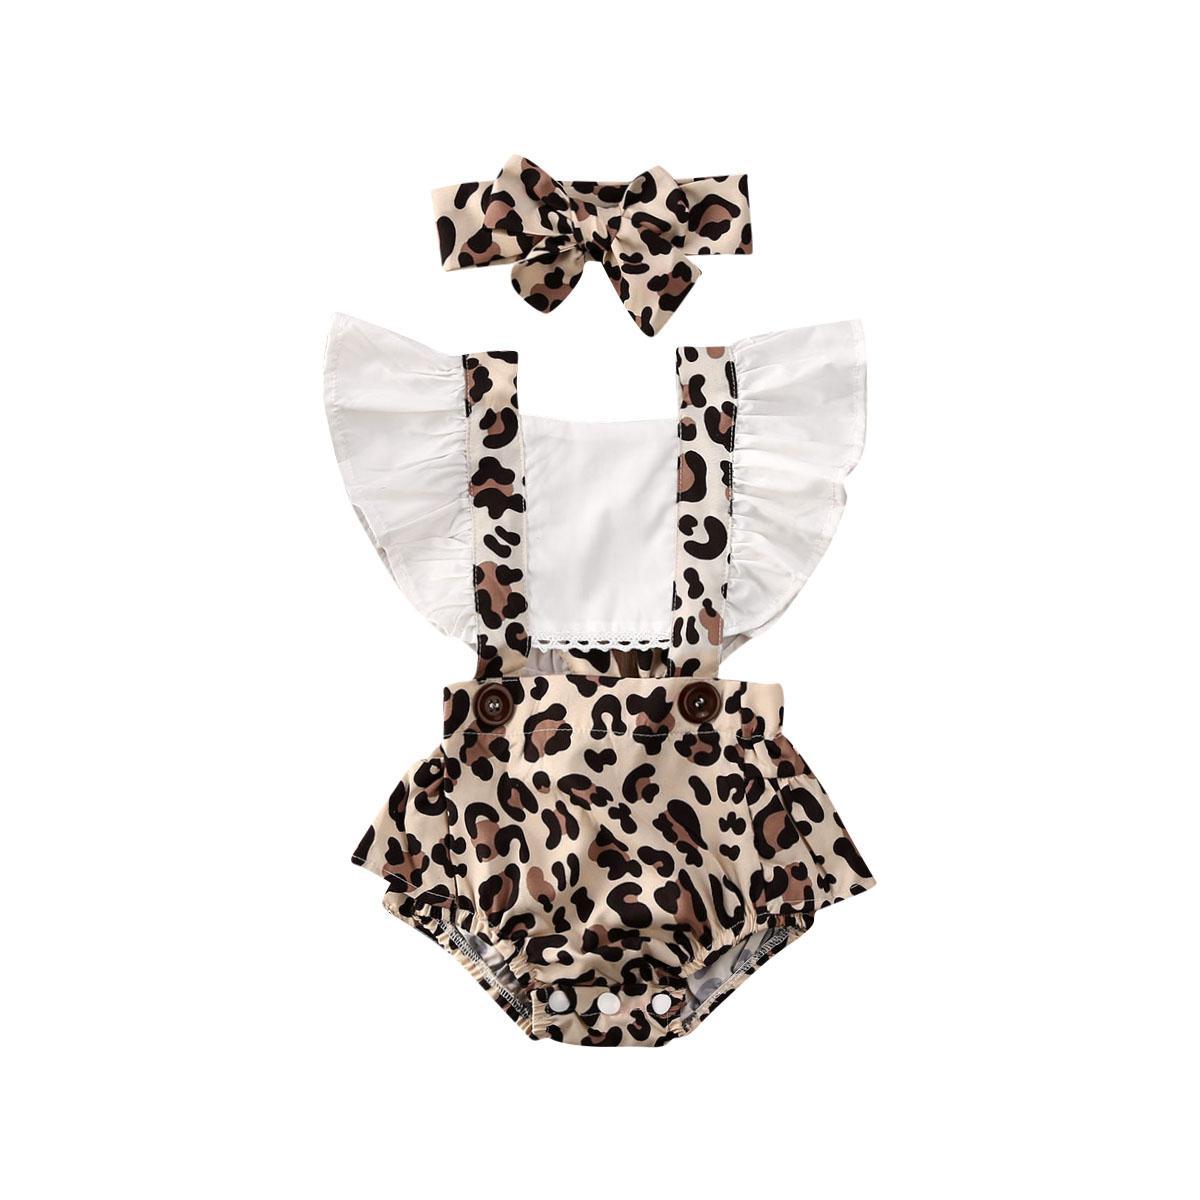 alta qualidade 2PCS infantil do bebé do leopardo Romper Macacão Roupa roupas de verão 0-24M